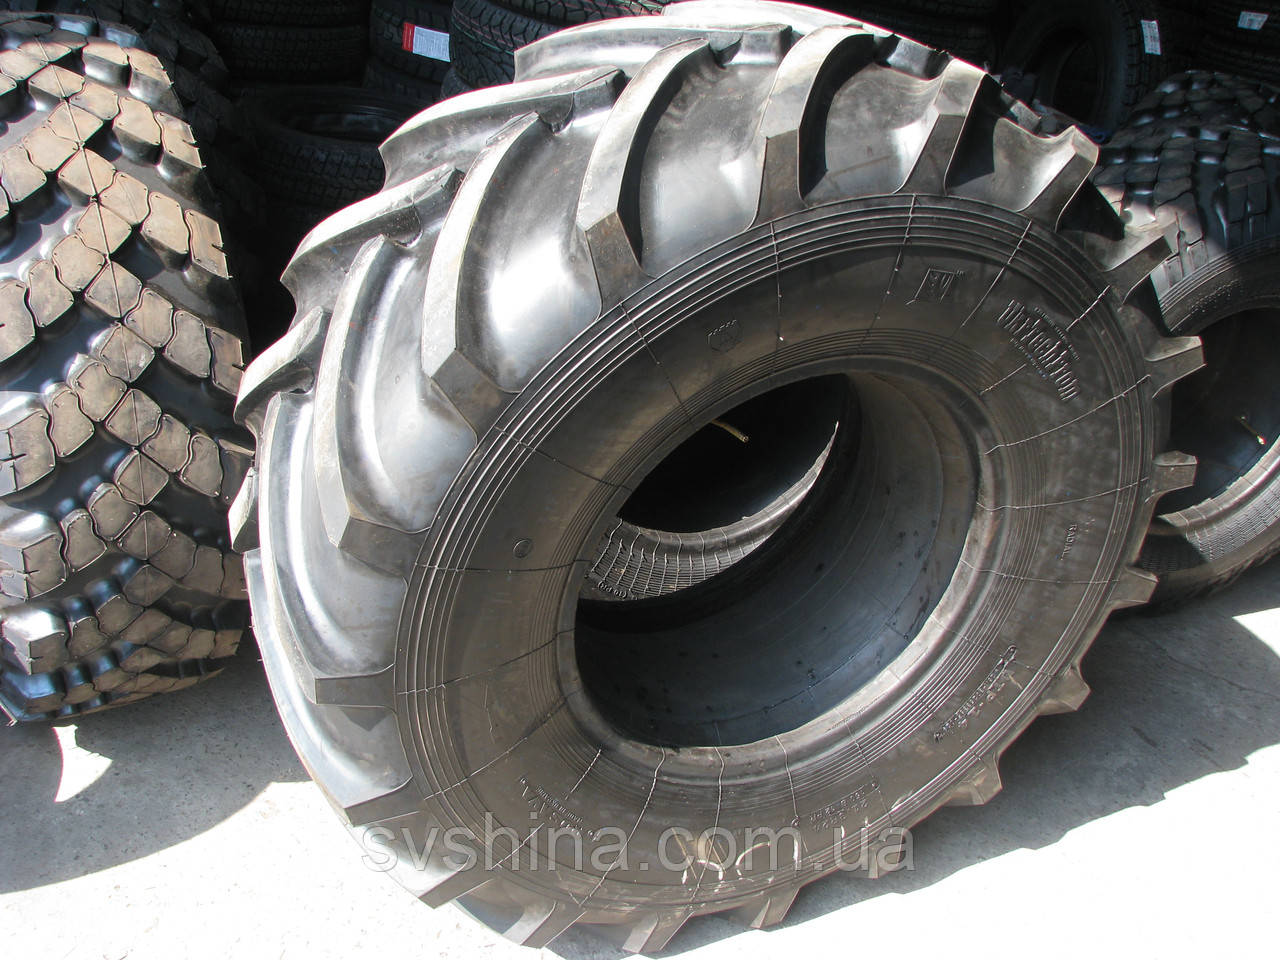 Сельхоз шины 21.3 R24 (530R610) Росава UTP-14, 10 нс.